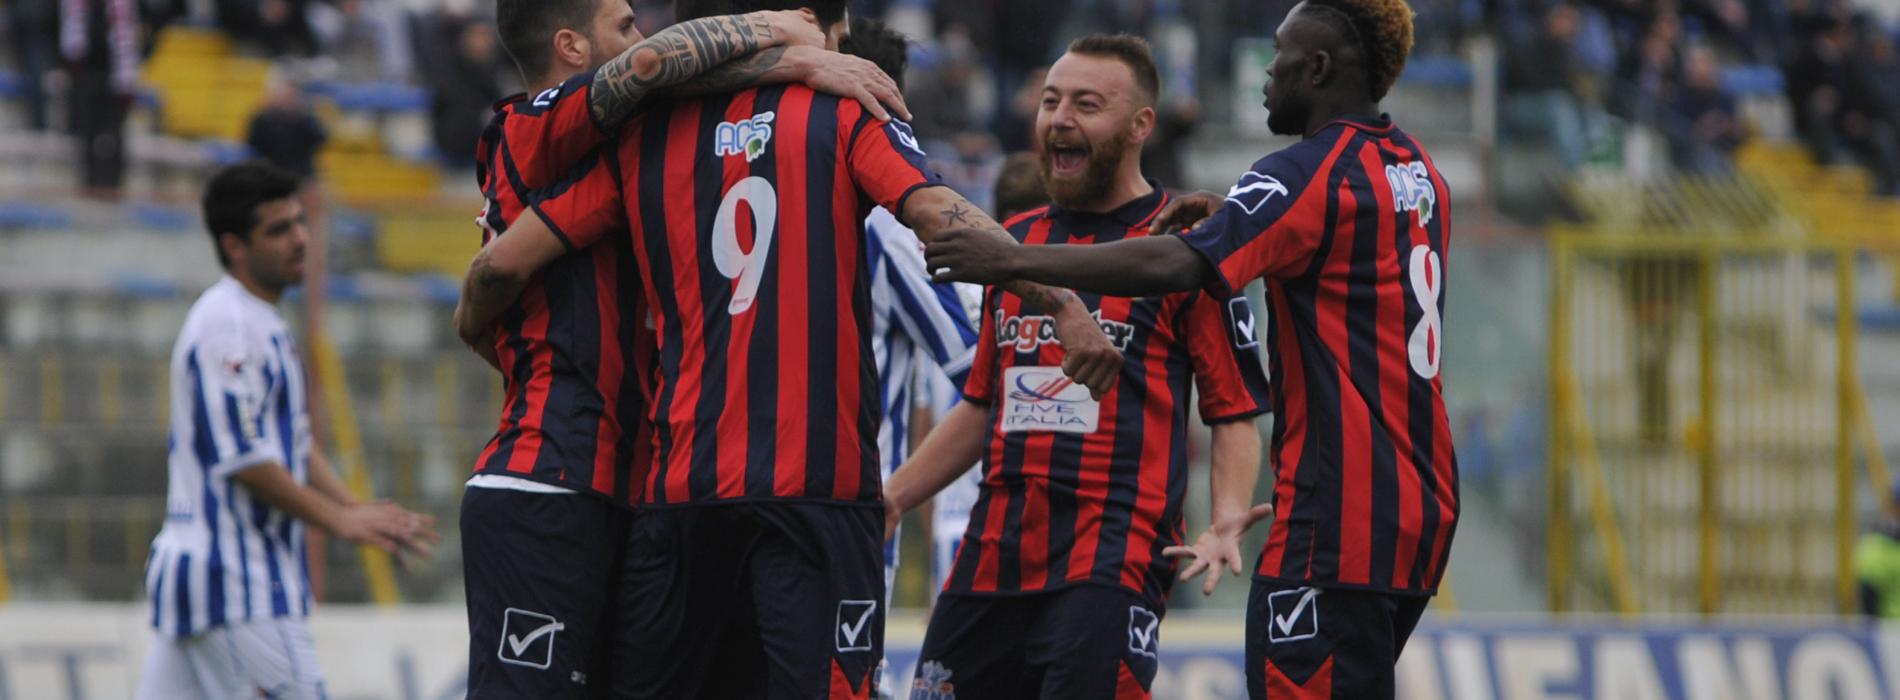 Casertana – Akragas 4-0. Una vittoria che fa morale